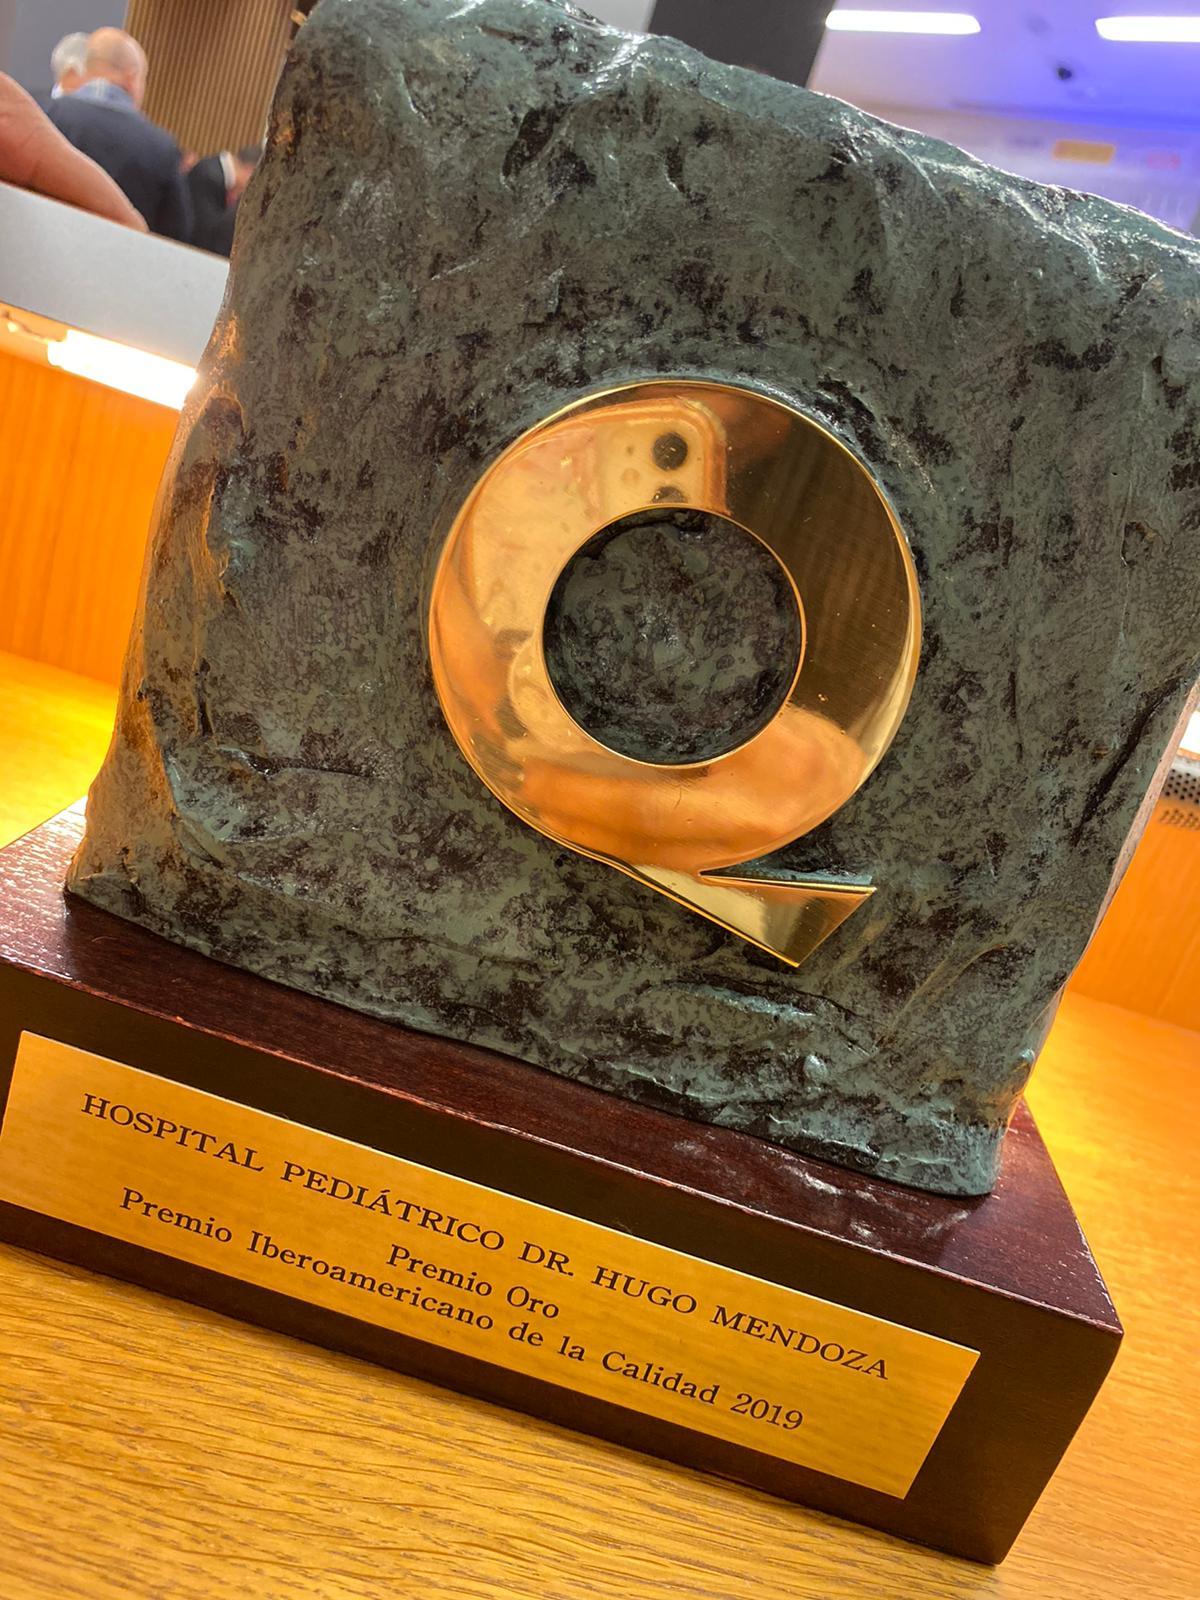 , Hospital público gana Oro en Premio Iberoamericano de la Calidad